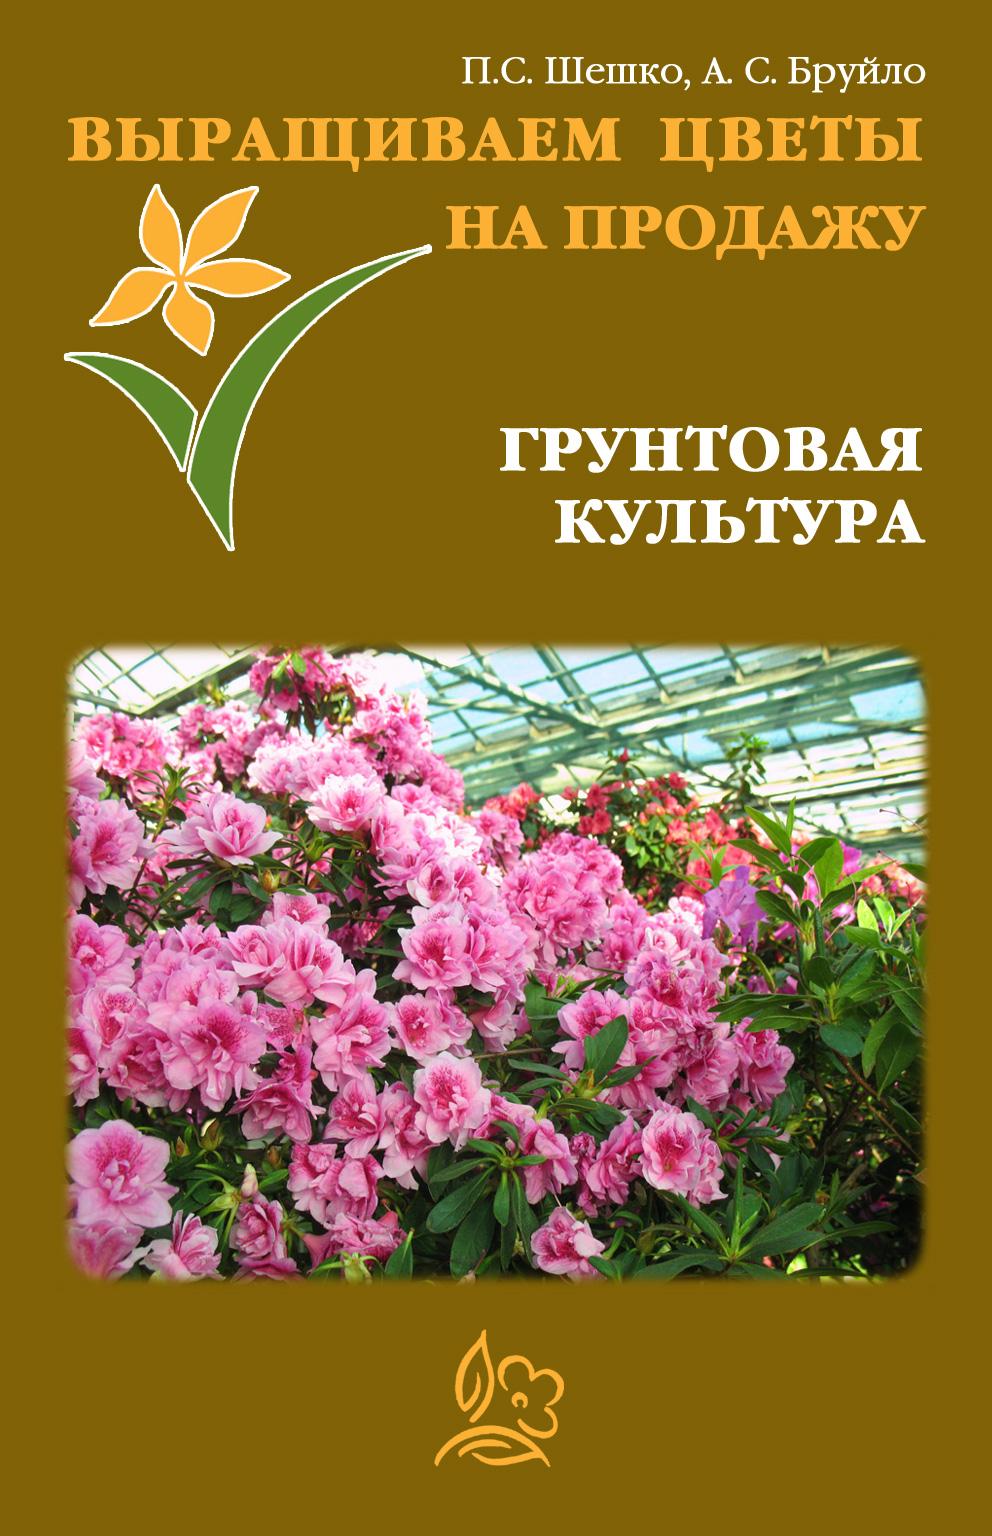 Павел Шешко Выращиваем цветы на продажу. Грунтовая культура н д агапкин производство продукции растениеводства